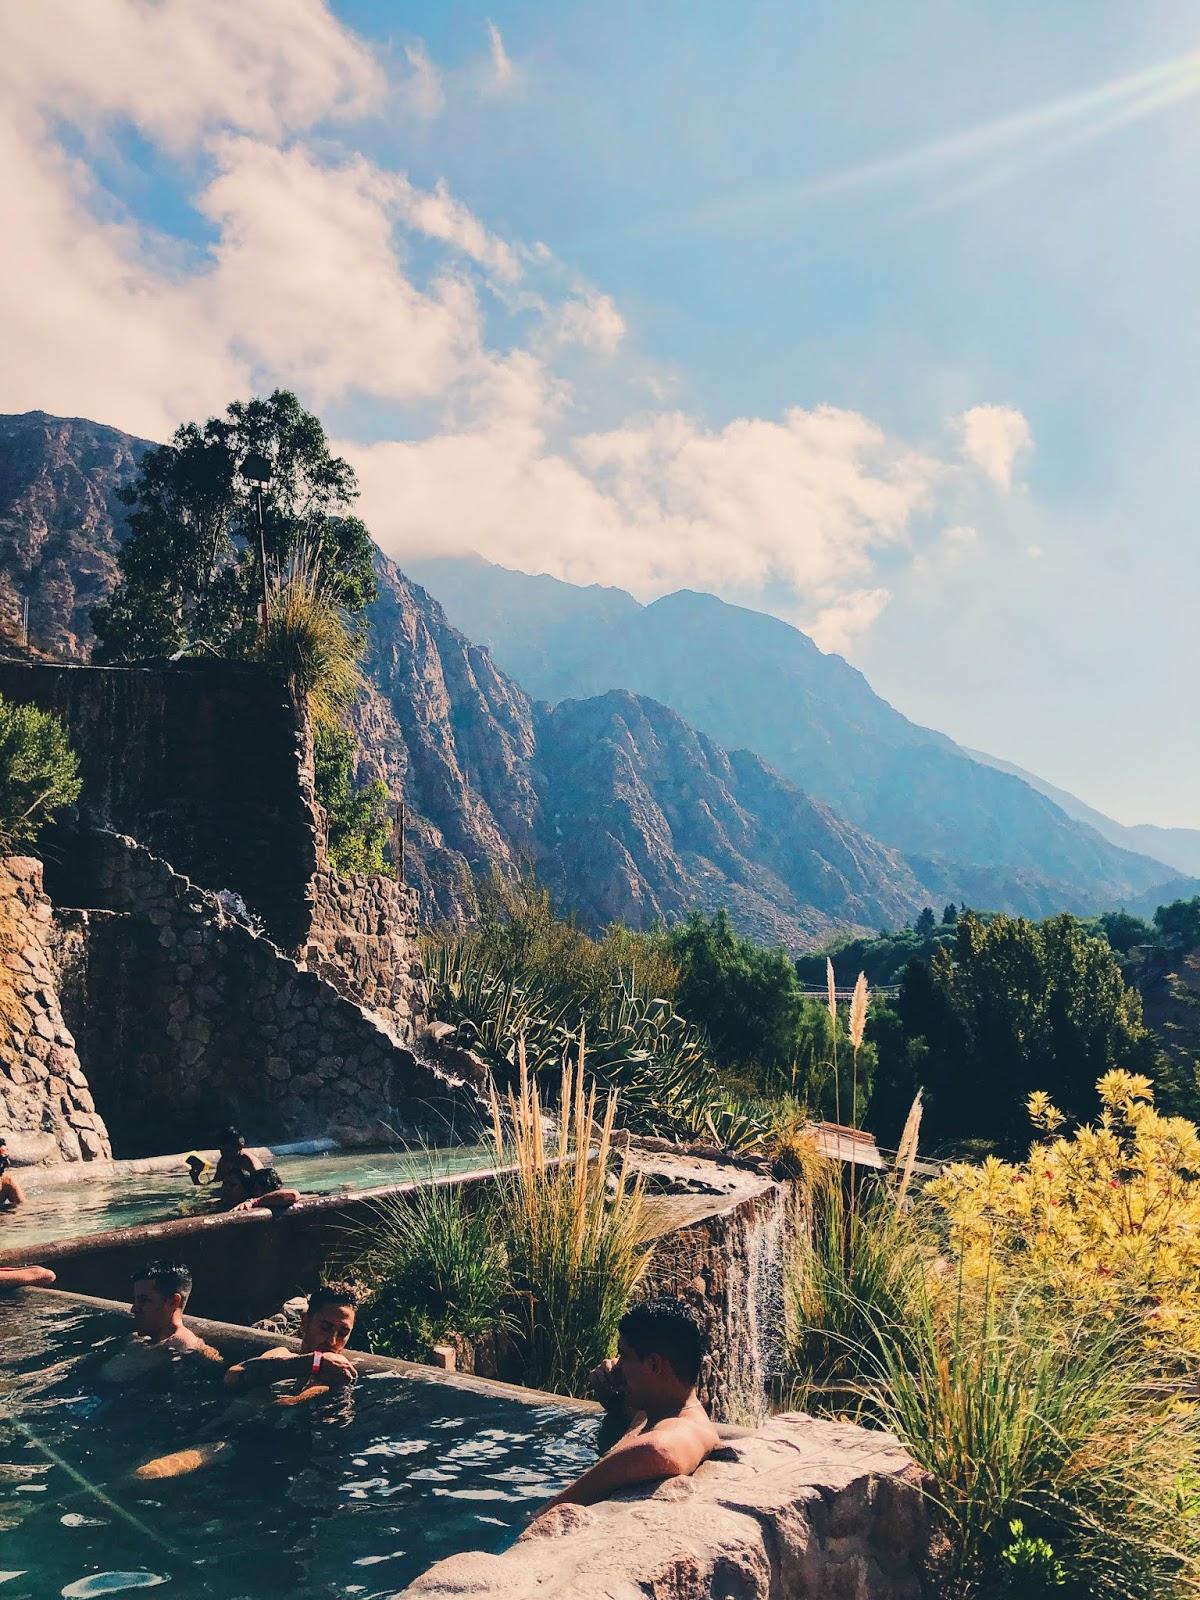 Termas de Cacheuta -  4 días en Mendoza, Argentina - Itinerario completo día por día de que hacer.